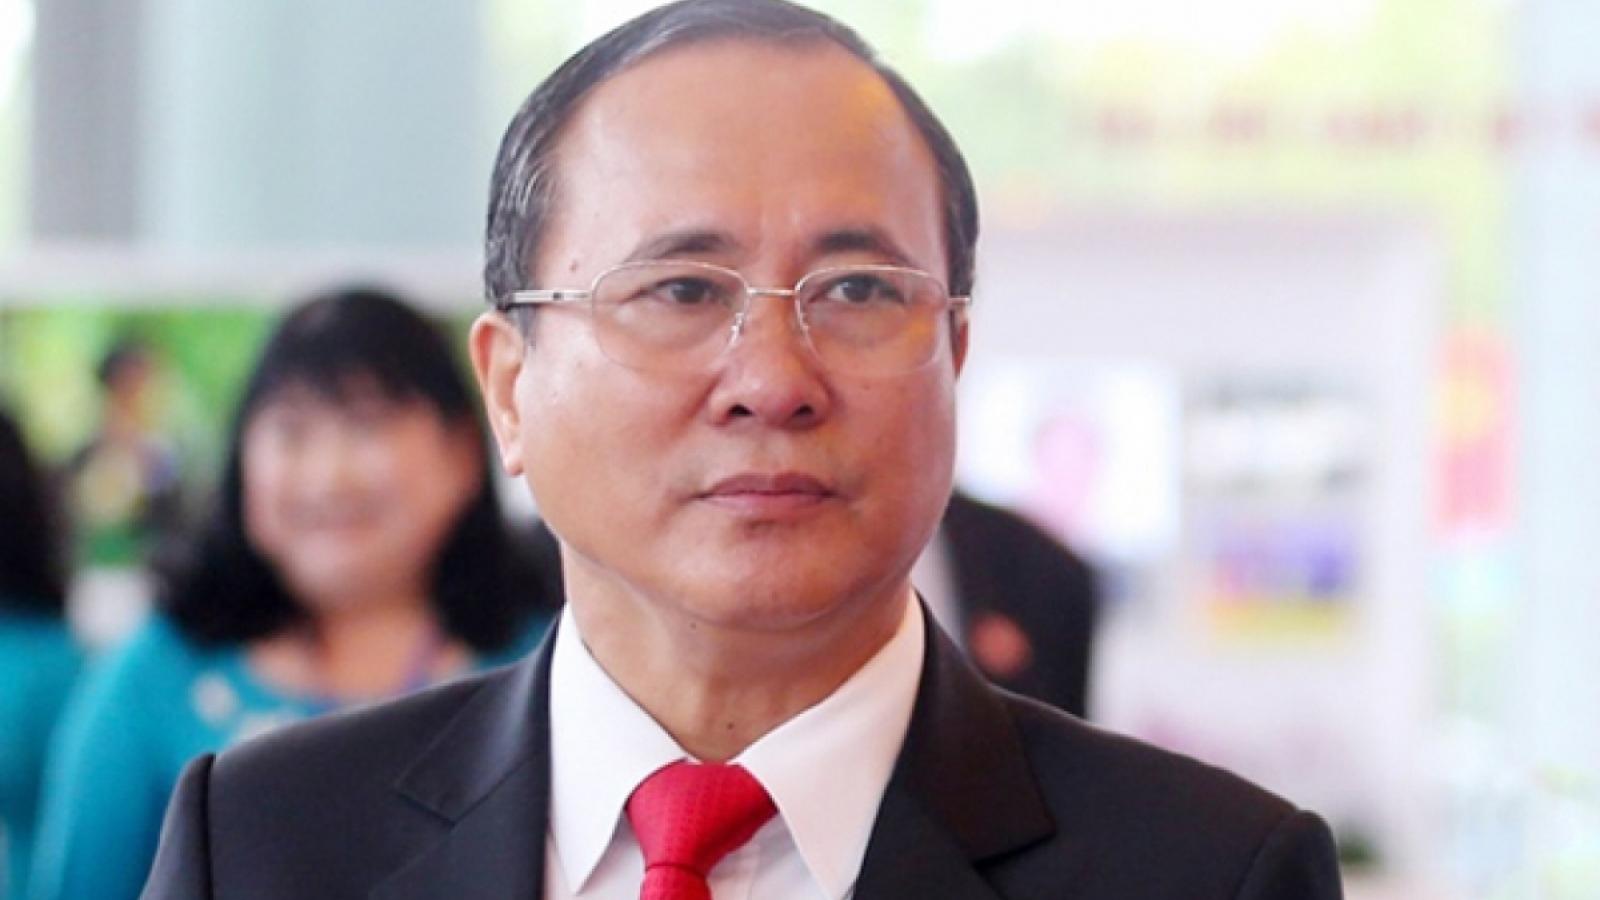 Nóng 24h: Cựu Bí thư Tỉnh uỷ Bình Dương Trần Văn Nam bị bắt